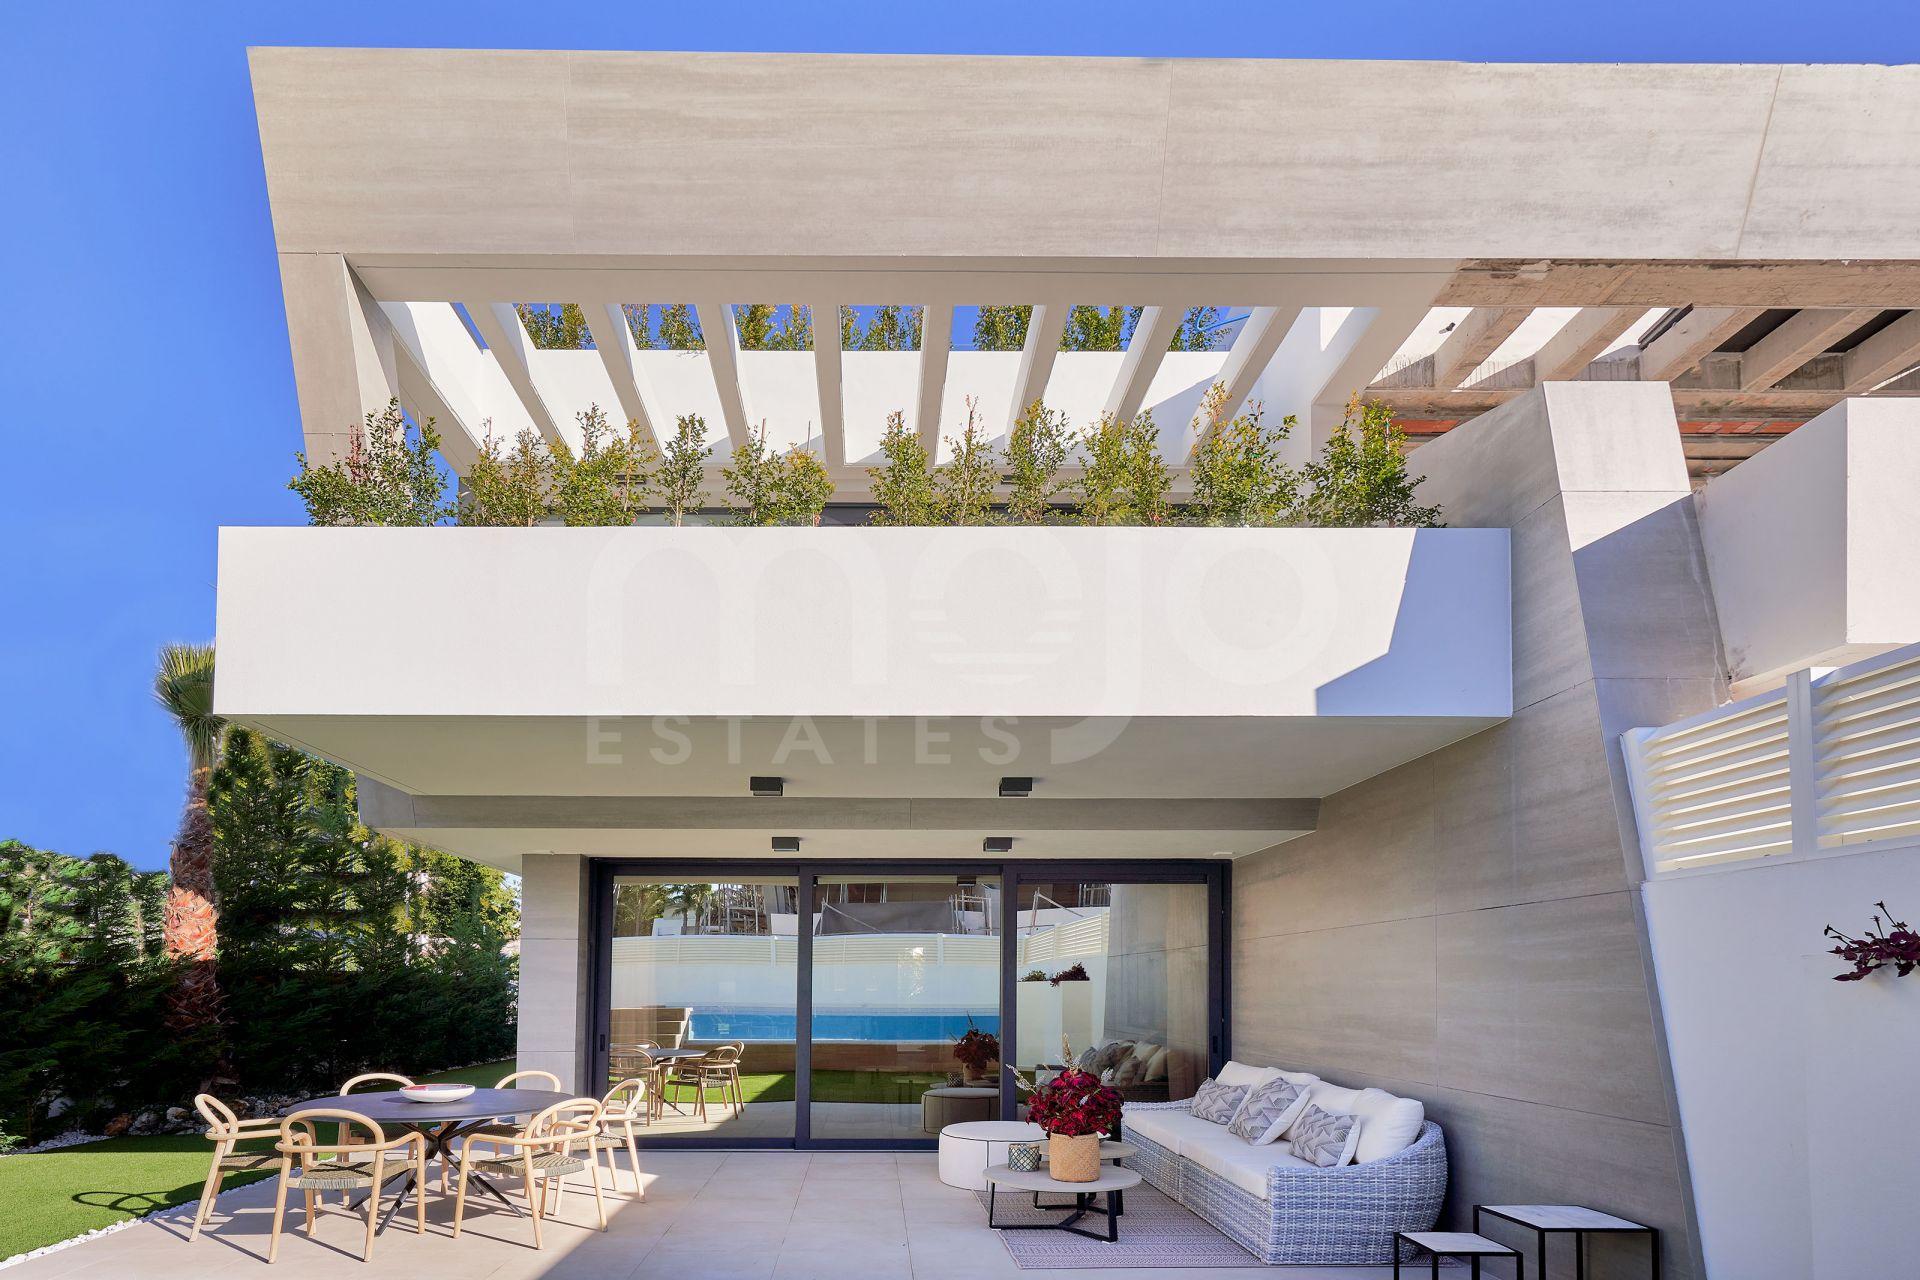 Semi-fritliggende villa til salg i Bahia de Banus, Marbella - Puerto Banus